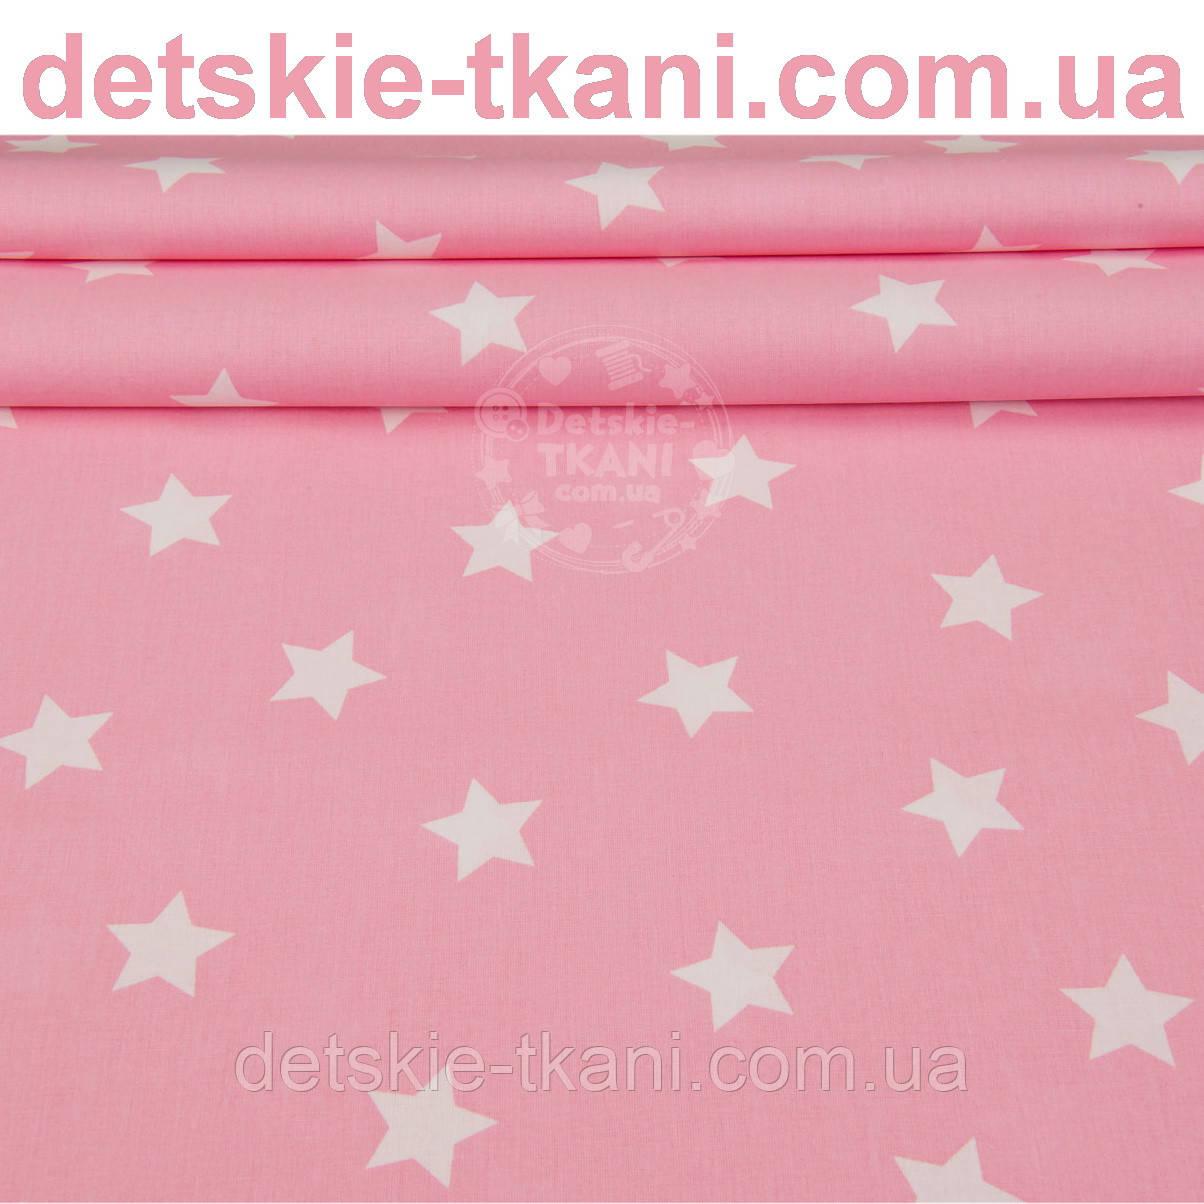 Ткань хлопковая с белыми звёздами 3 см на розовом фоне, ширина 240 см (№1110)